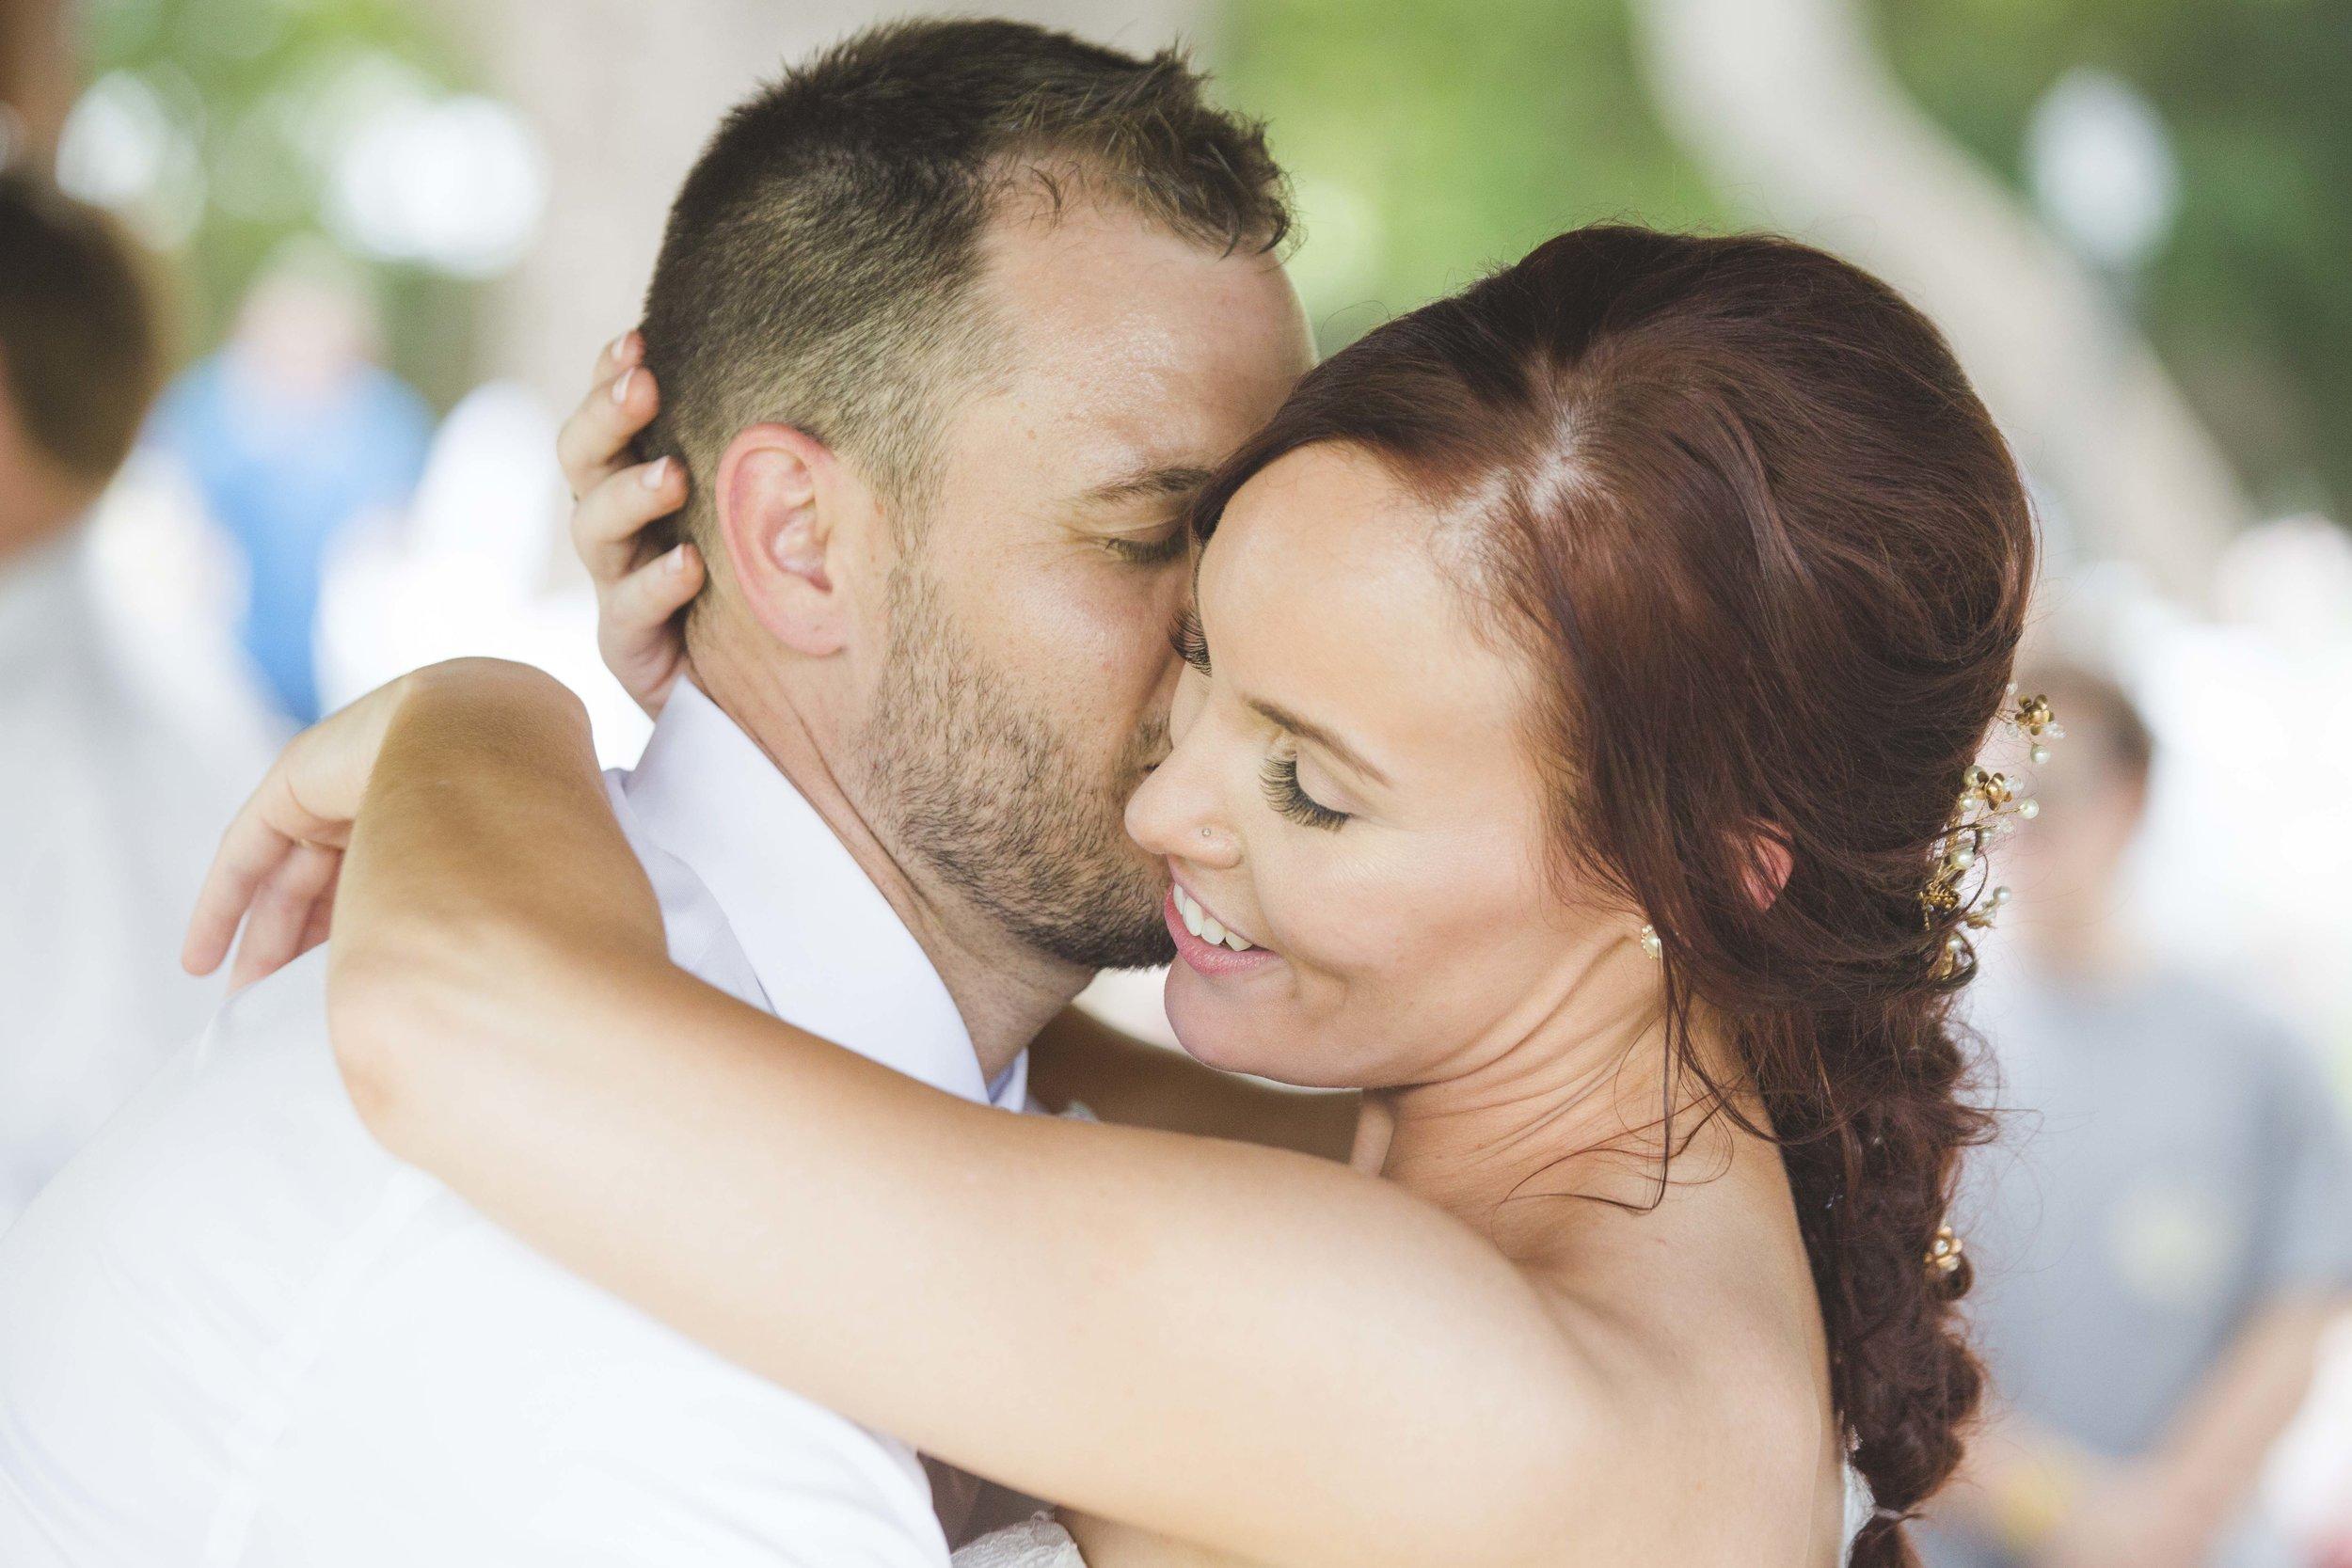 ATGI_Susanna & Matt Wedding_717A8500.jpg